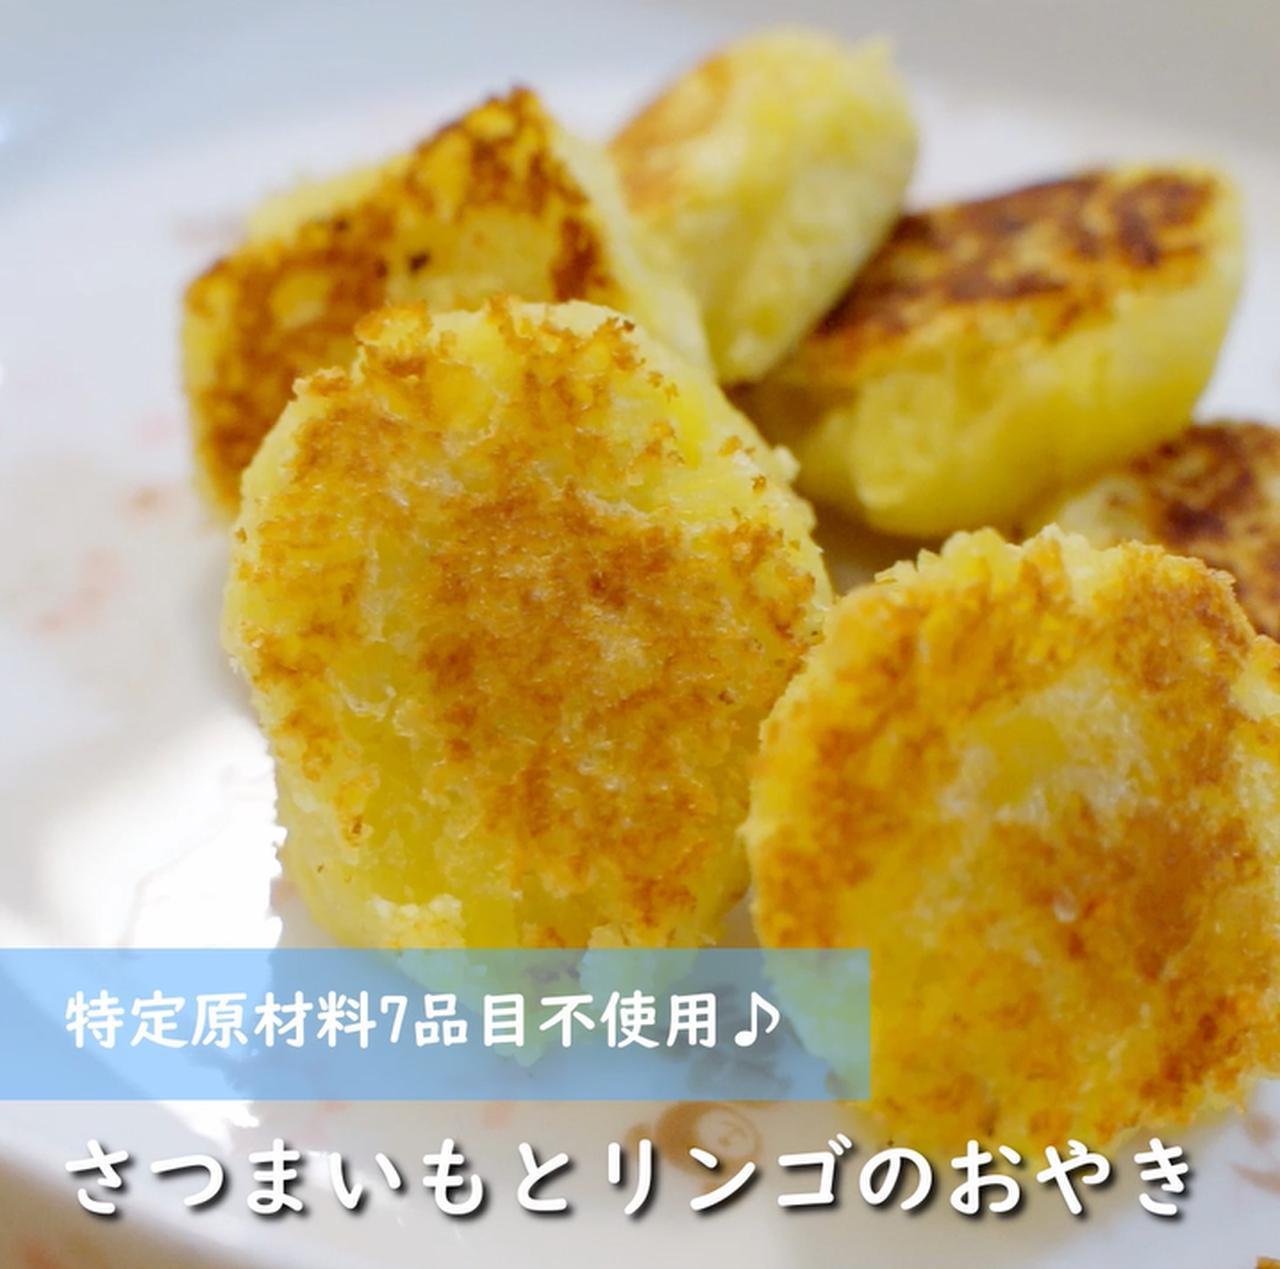 画像: 離乳食 完了期レシピ!簡単さつまいもとりんごのおやき - 君とごはん